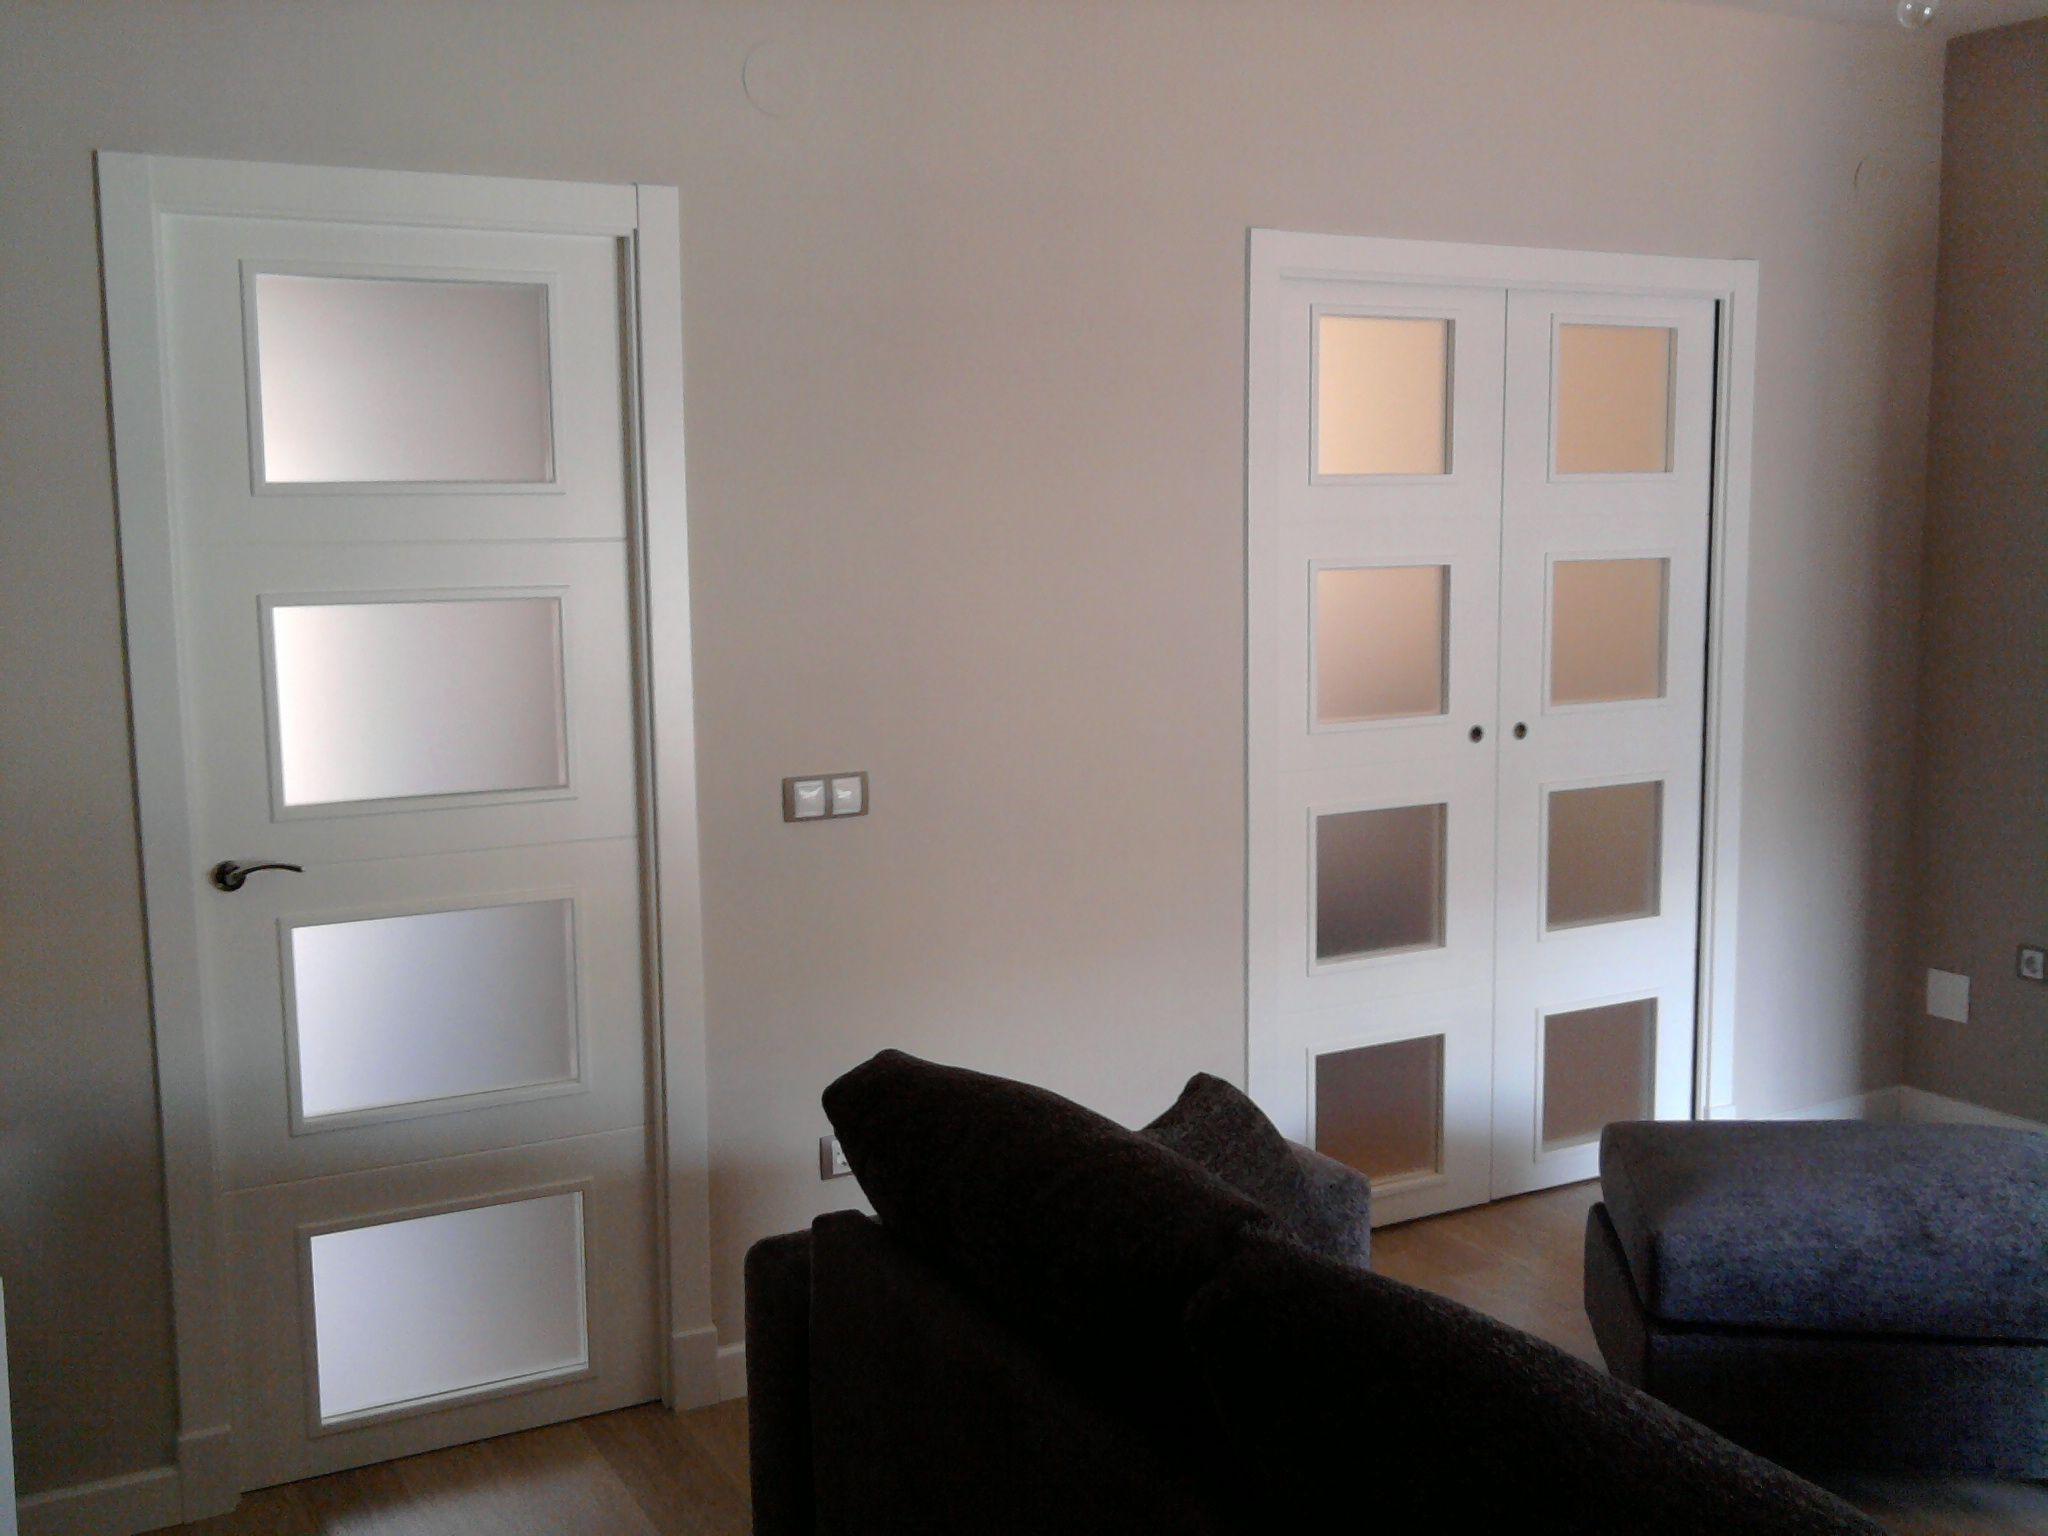 Modelo 5t12 v57 con cristal mate puerta abatible y puerta for Puertas correderas cristal baratas